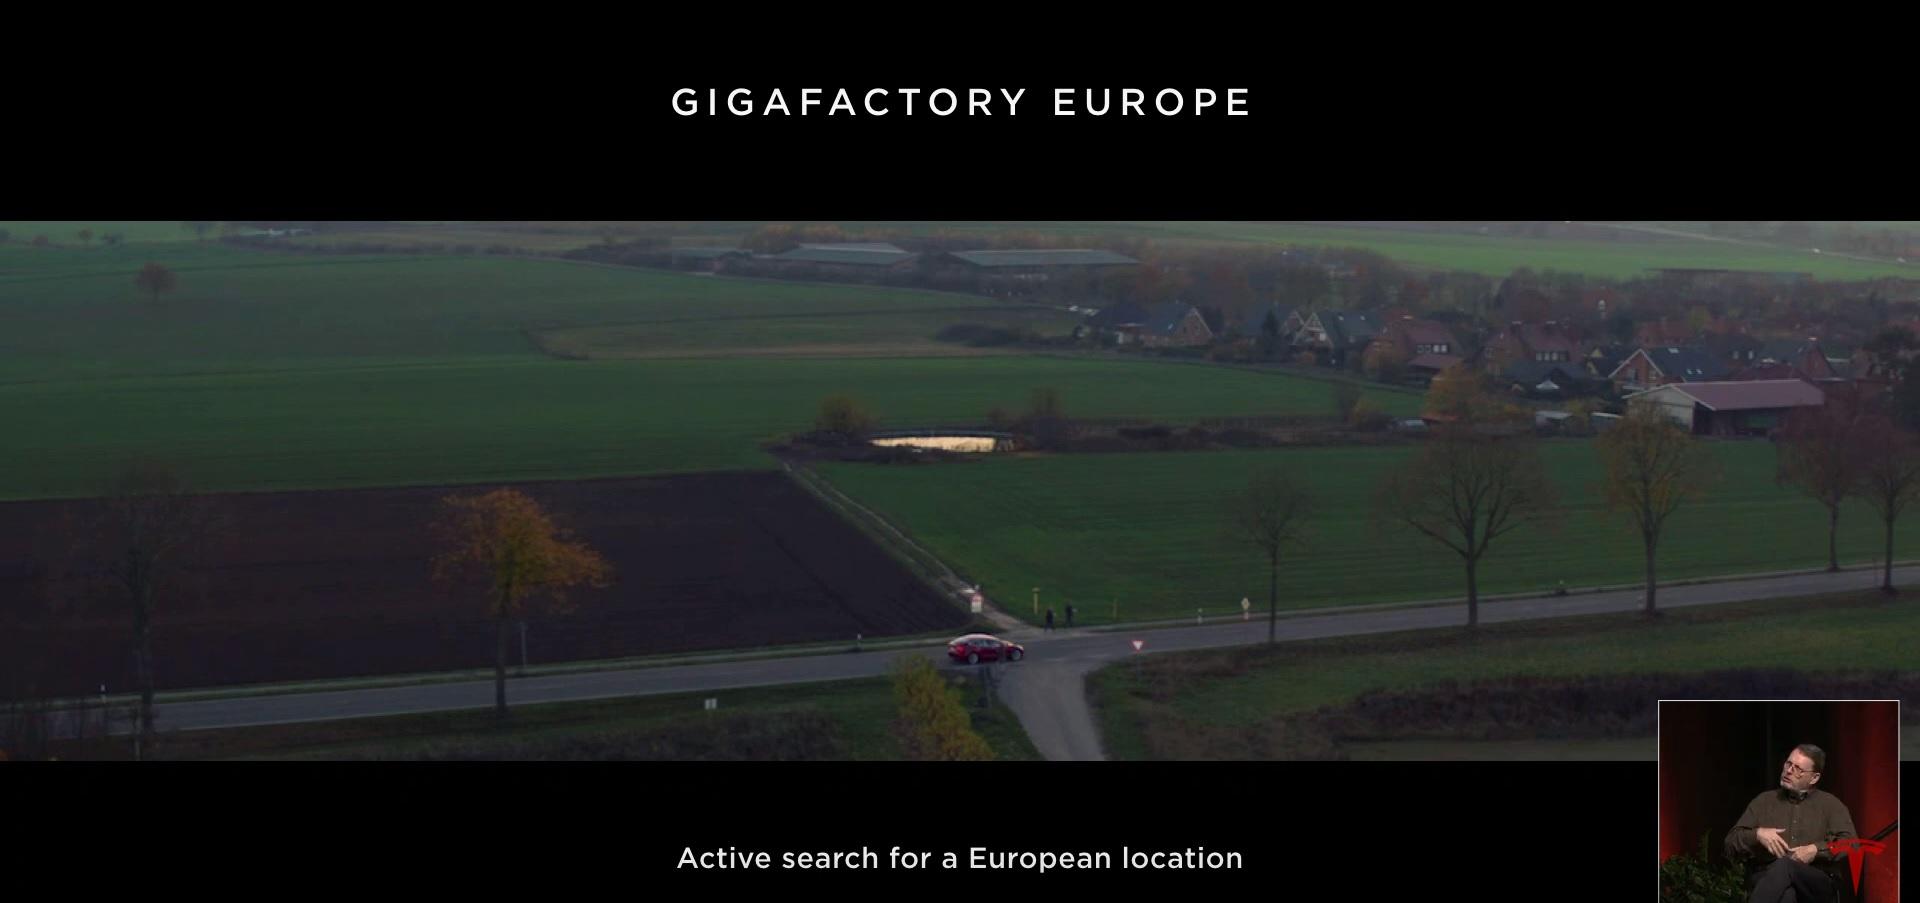 Gigafactory-Europe